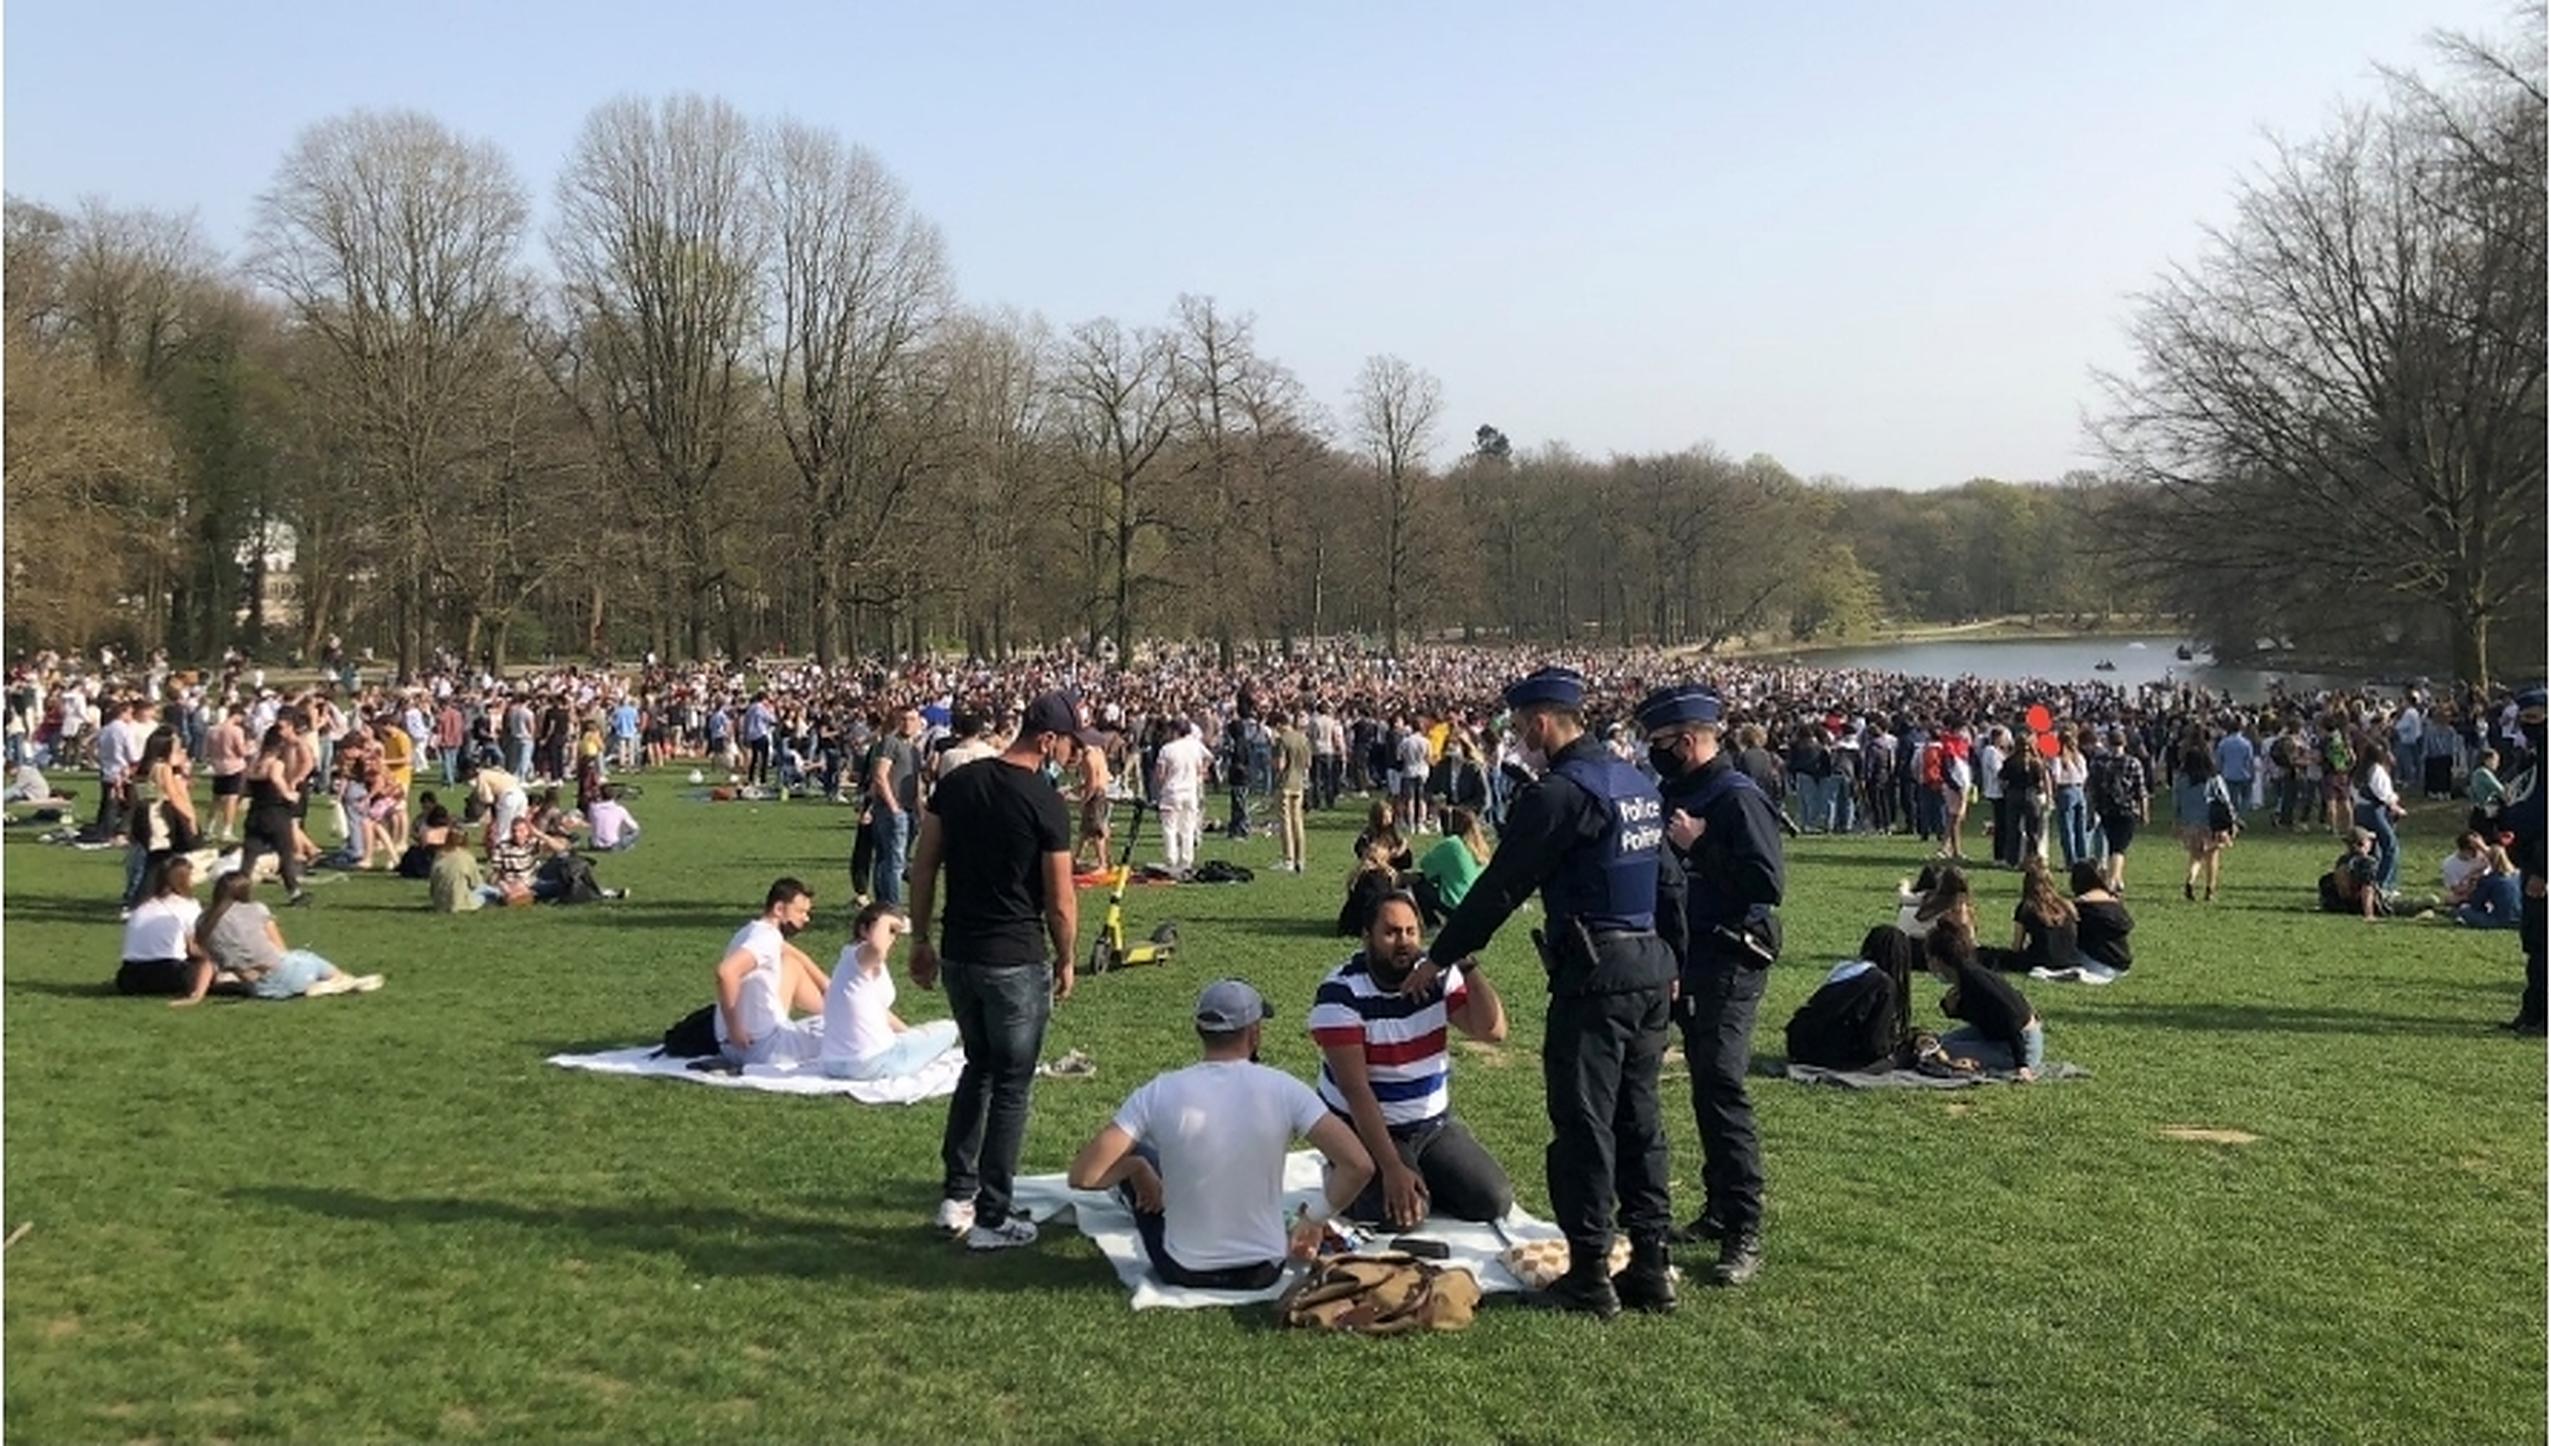 Un eveniment fictiv, promovat online, a determinat mii de belgieni să se adune într-un parc din Bruxelles. Păcăleala de 1 aprilie s-a transformat în protest